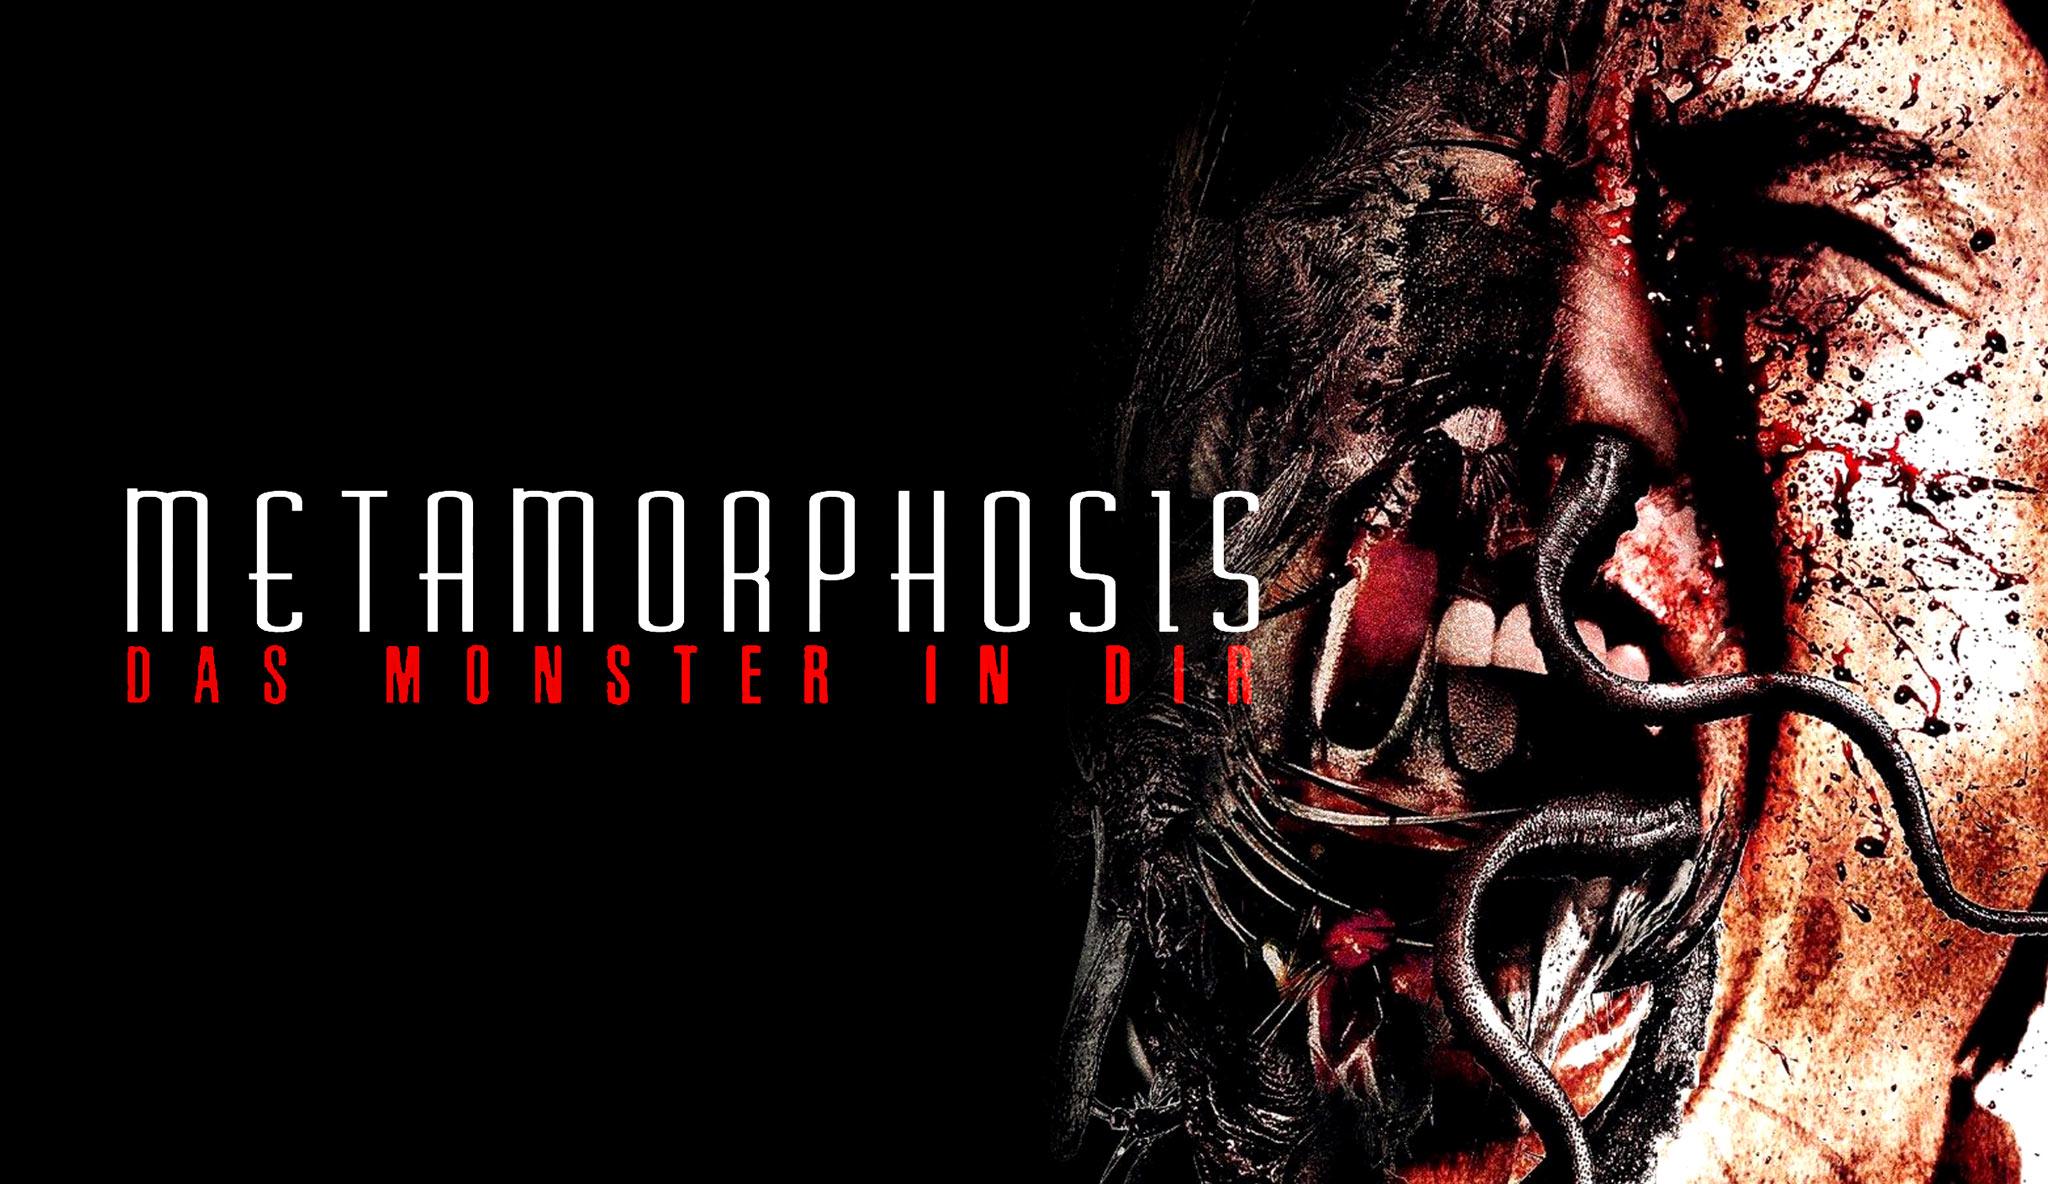 metamorphosis-das-monster-in-dir\header.jpg